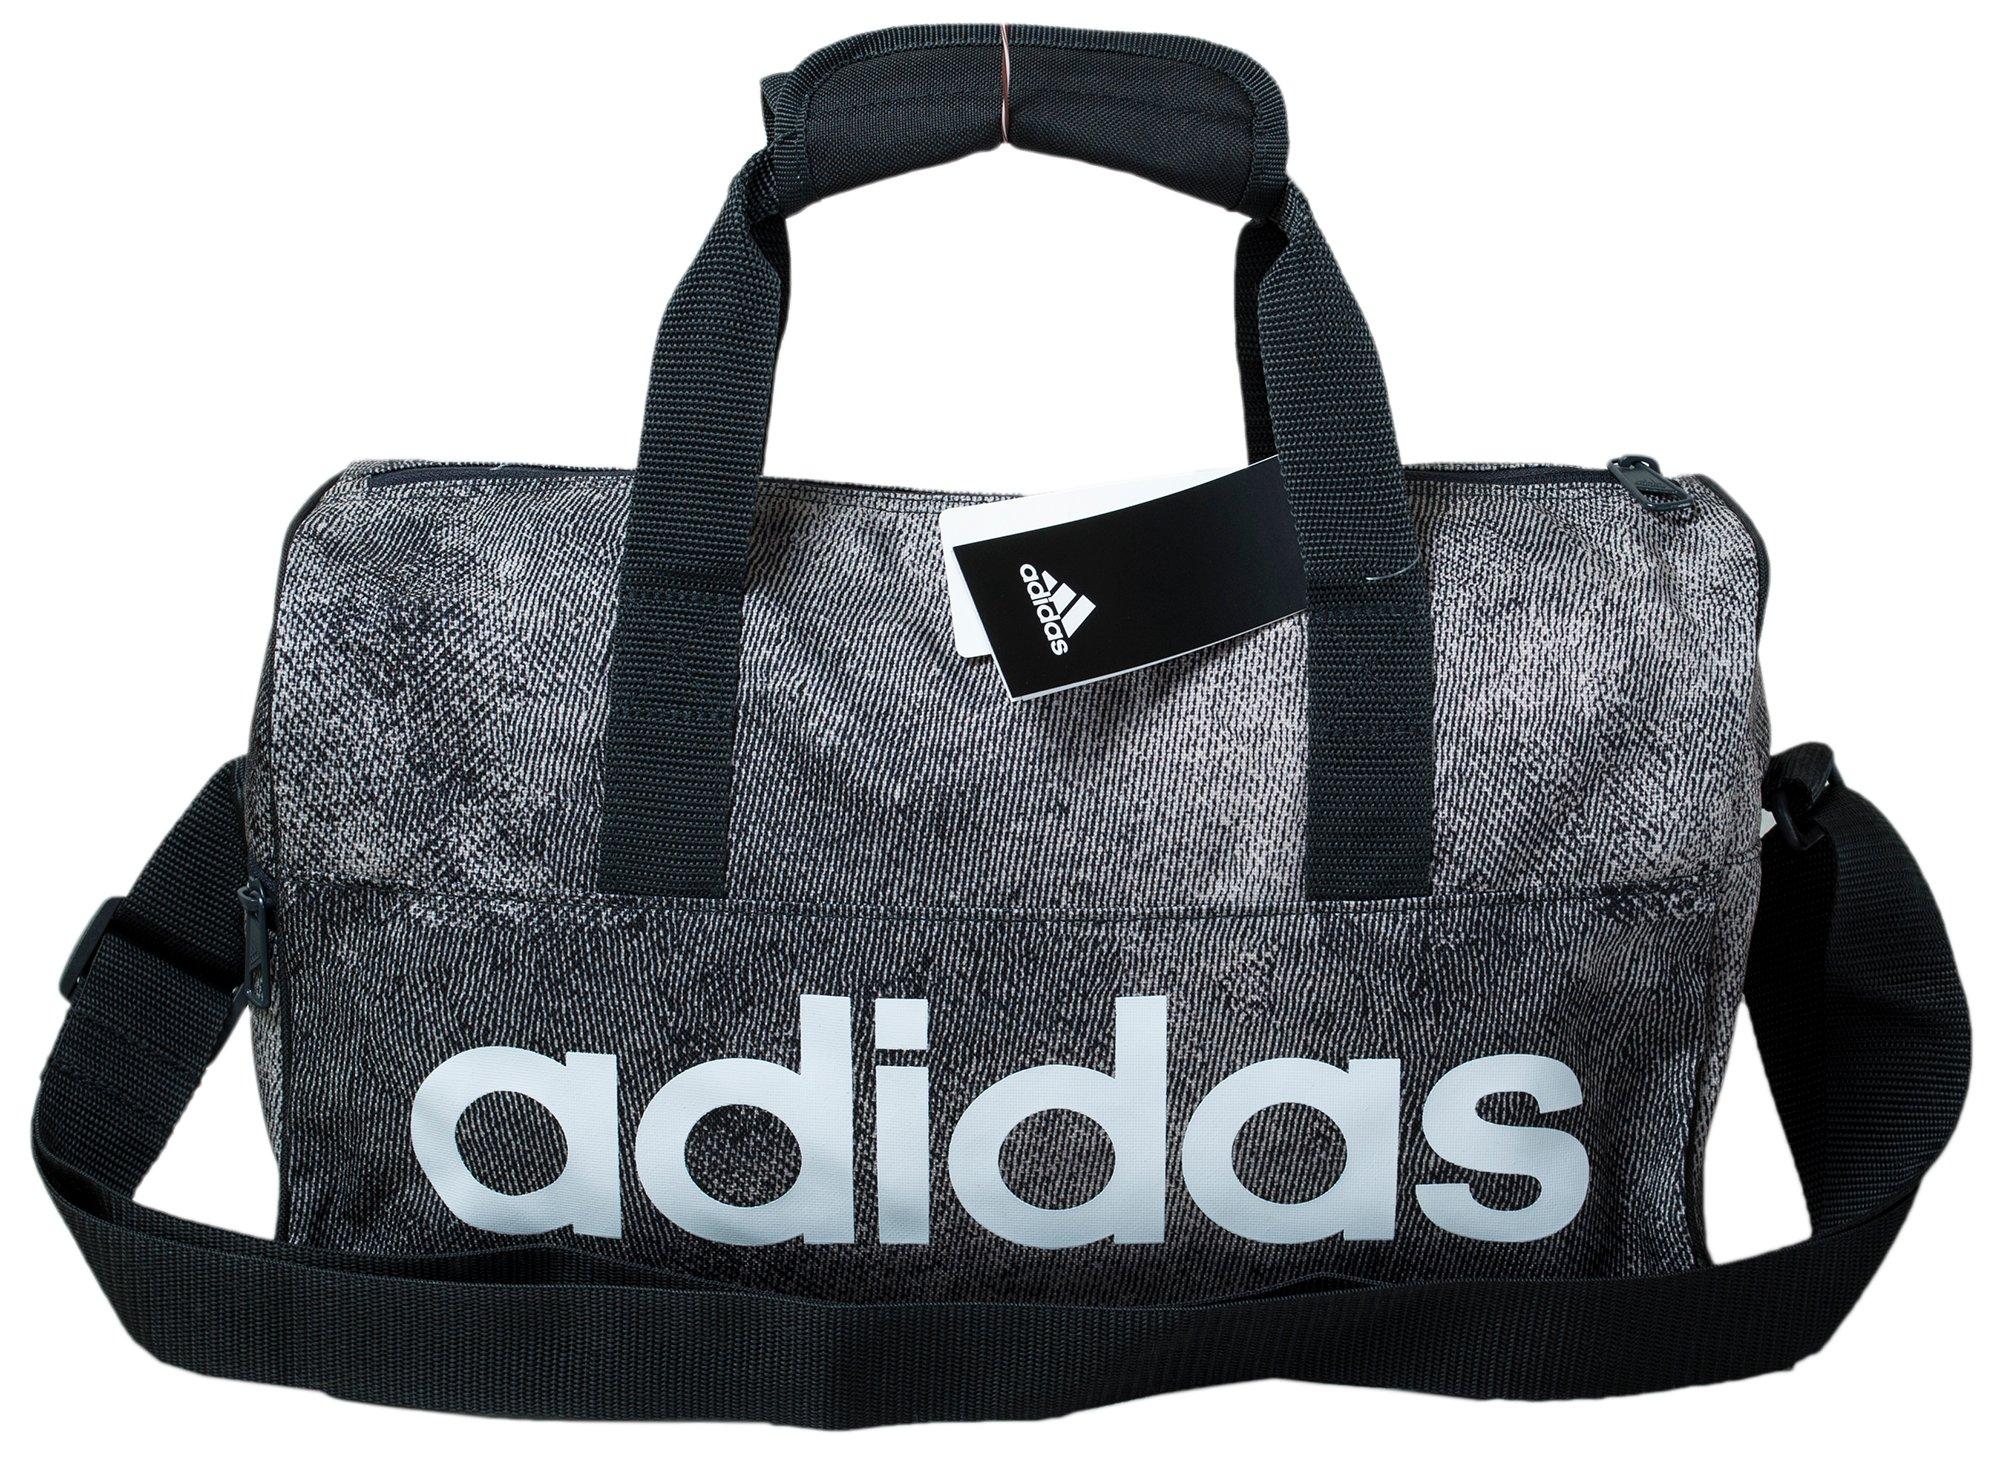 7c88bc968 Adidas Bardzo Fajna Mała Torba Sportowa Xs, Torby i walizki AN-SPORT